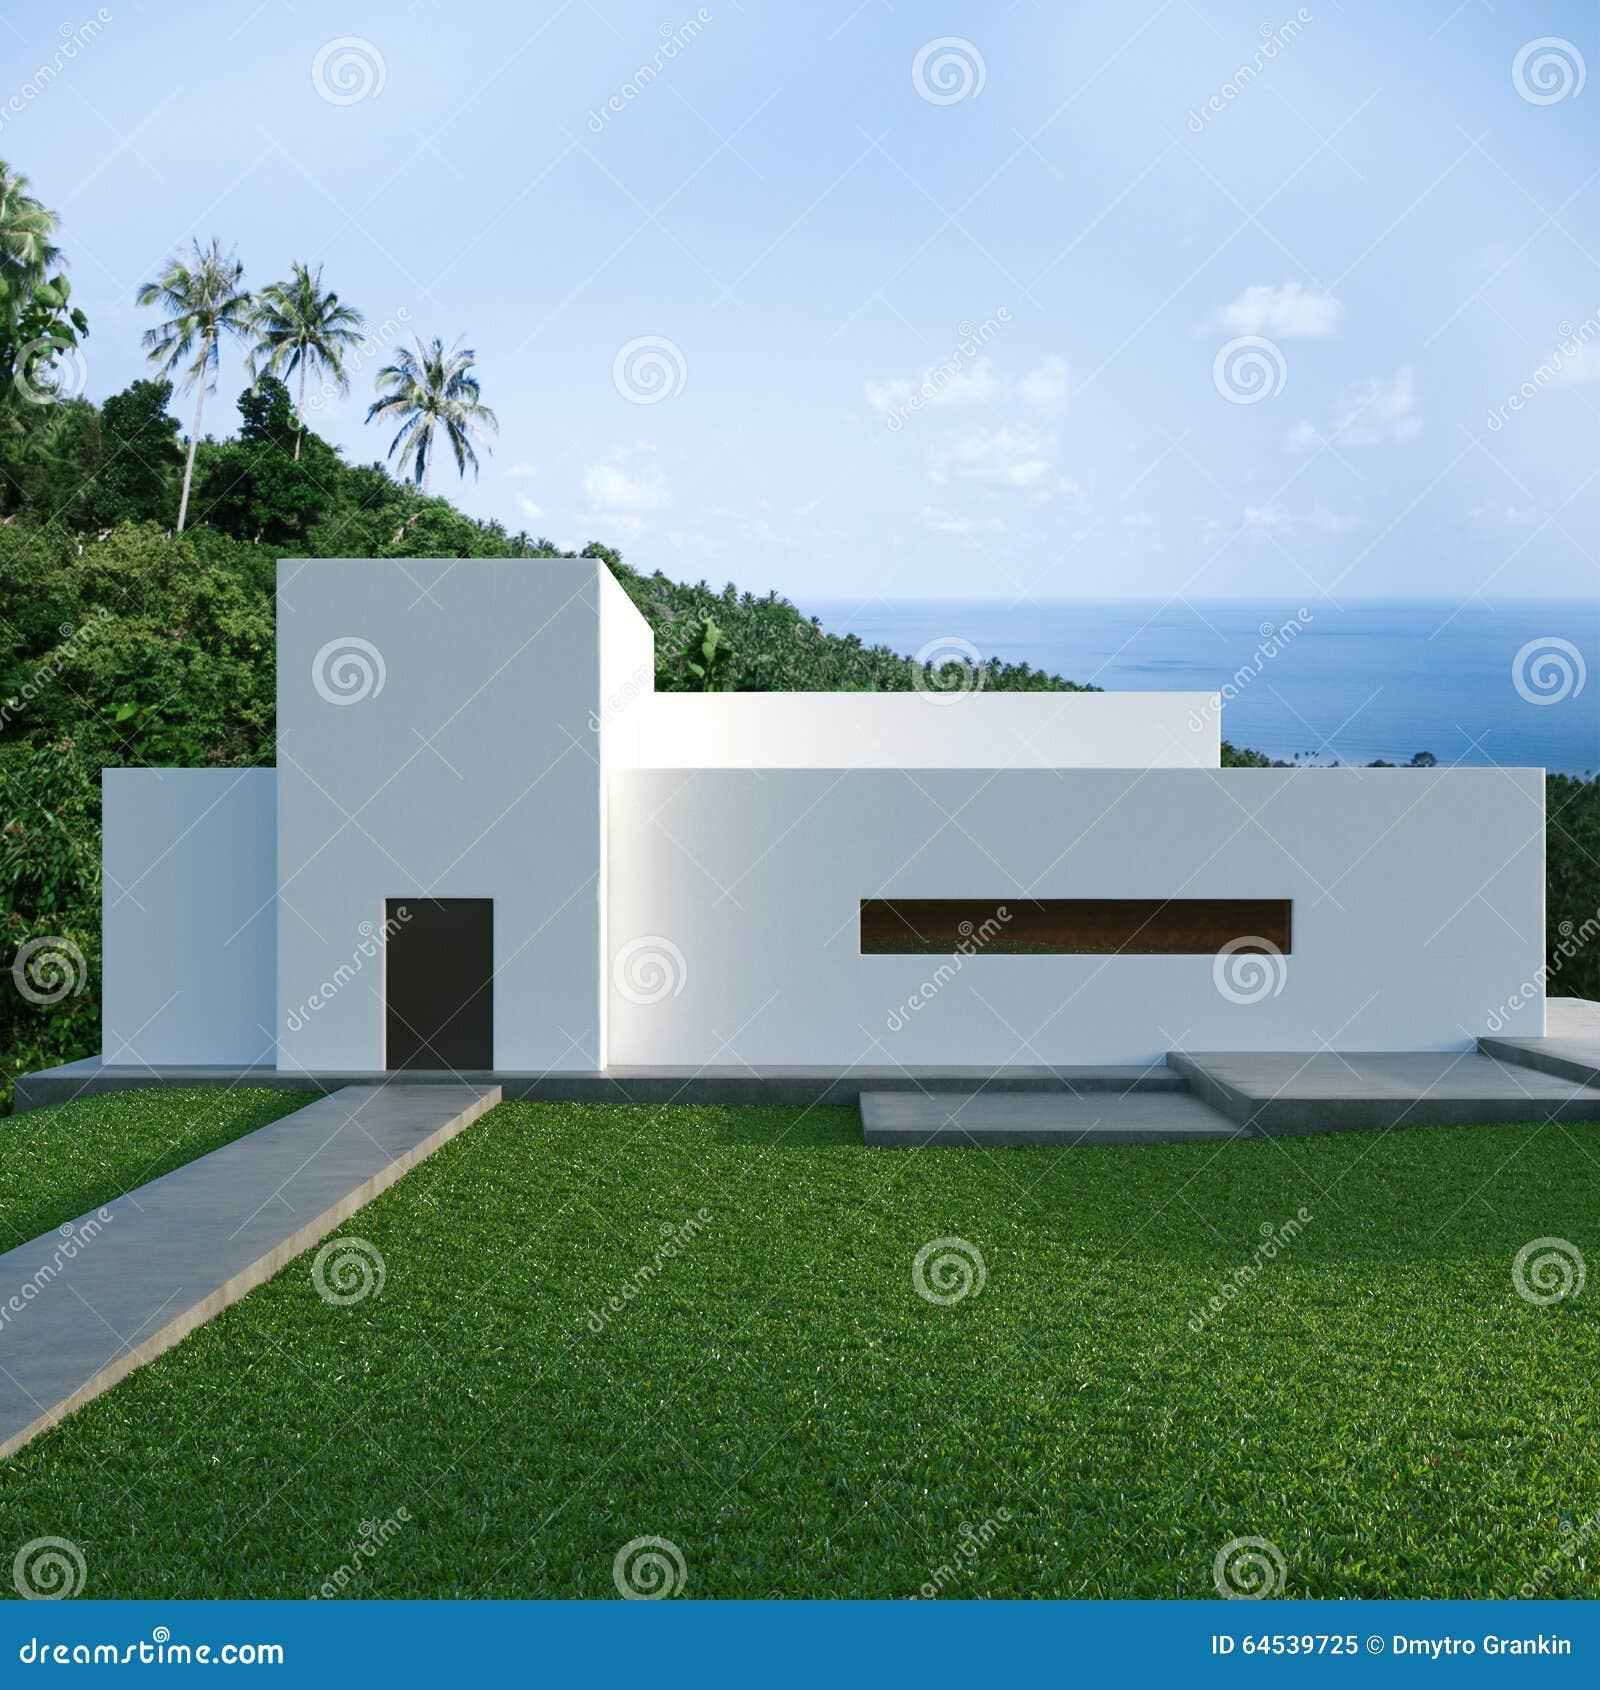 Maison Moderne En Béton De Rendement Optimum Sur La Colline